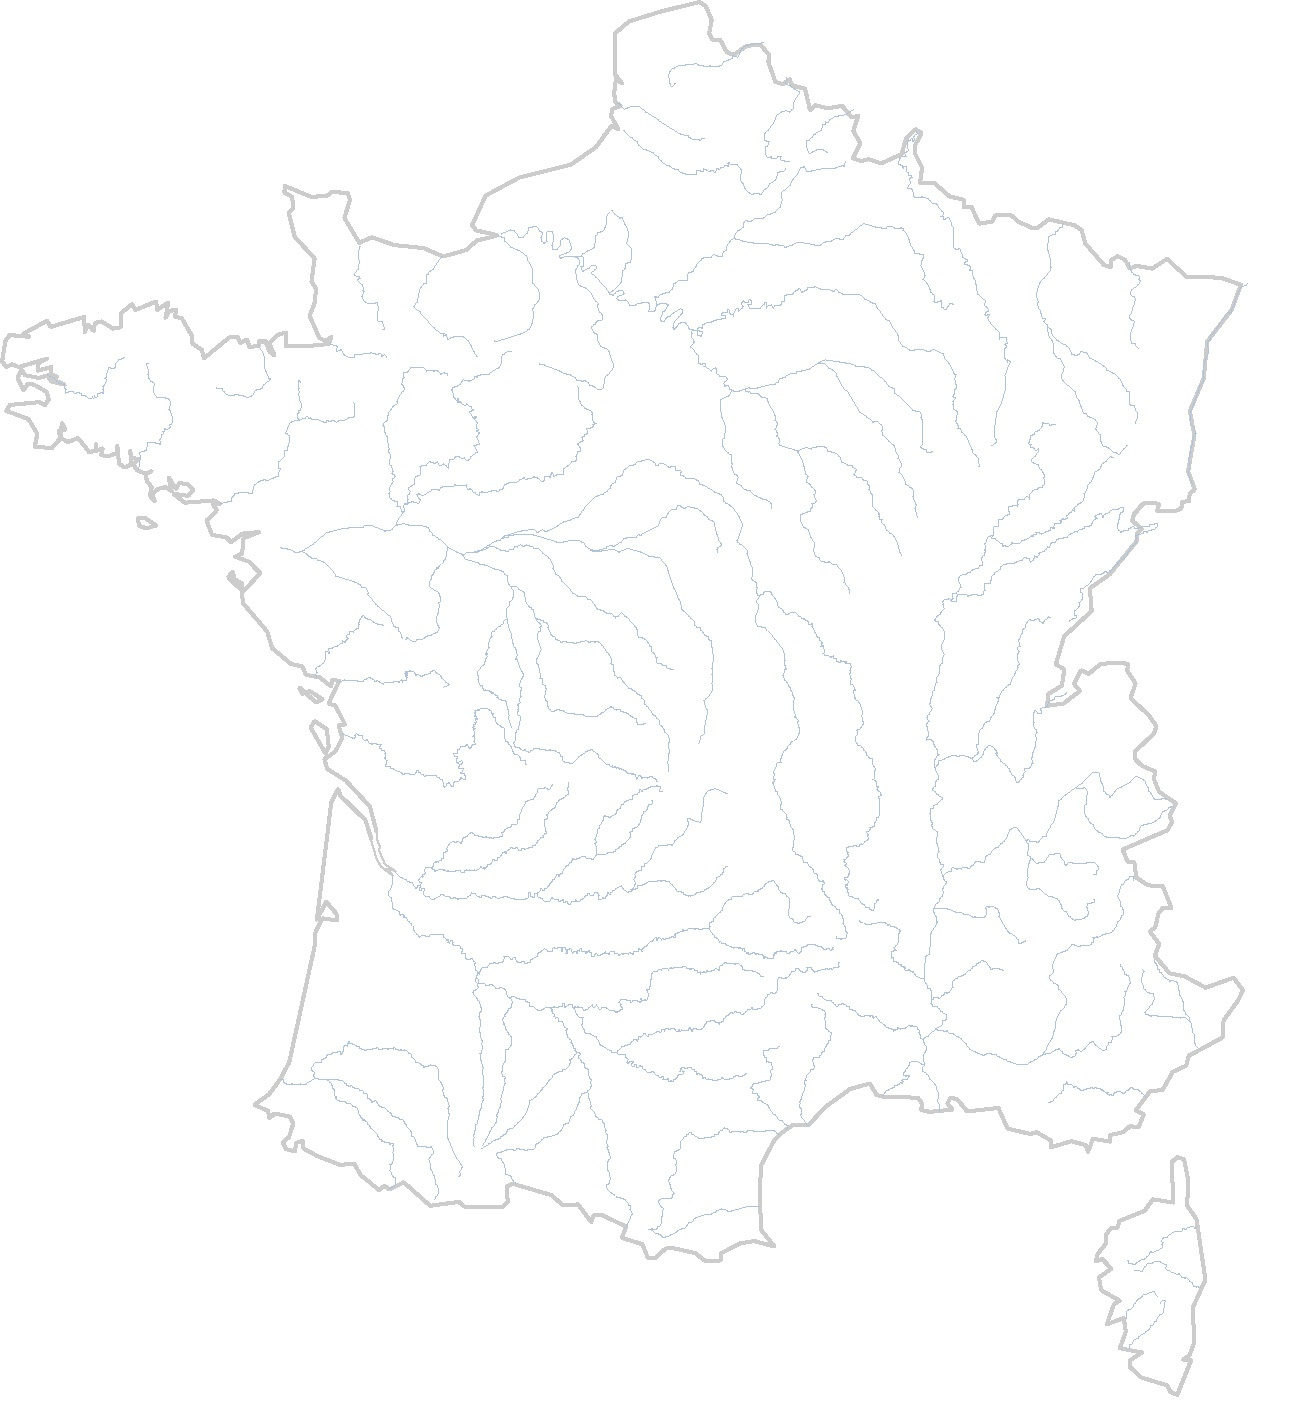 Cartes Muettes De La France À Imprimer - Chroniques tout Carte De France Des Départements À Imprimer